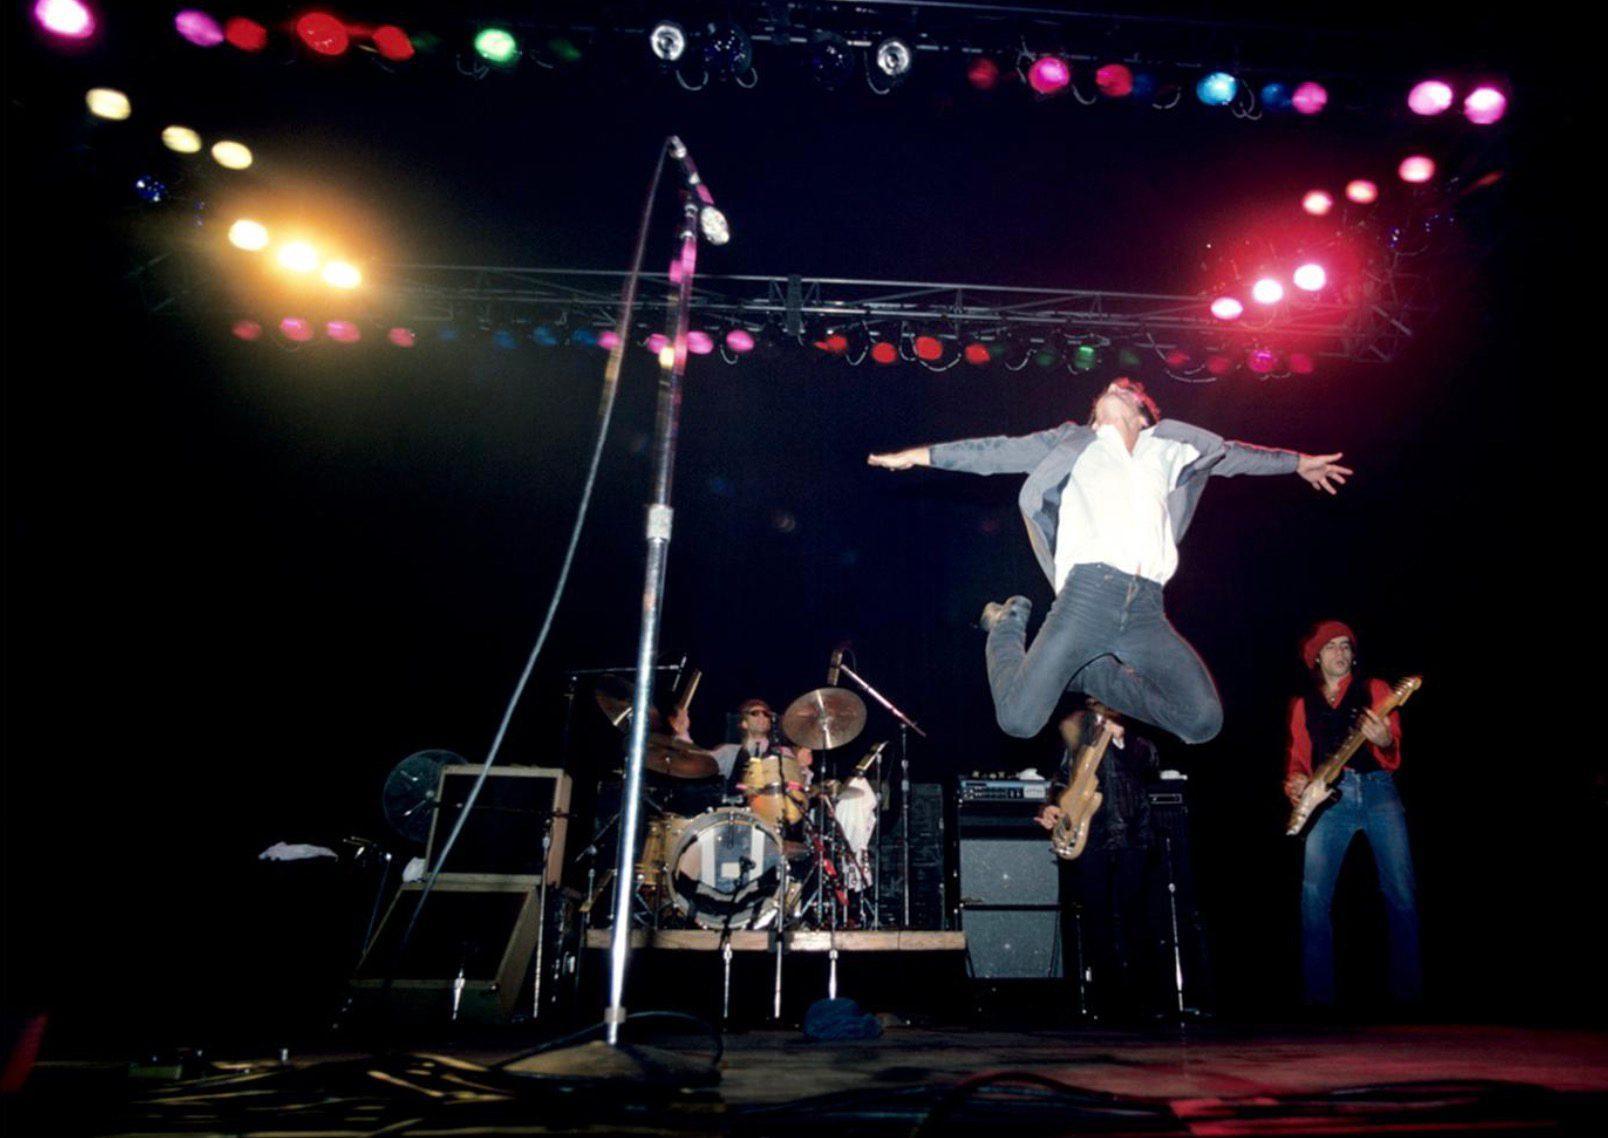 Bruce Springsteen Jumping